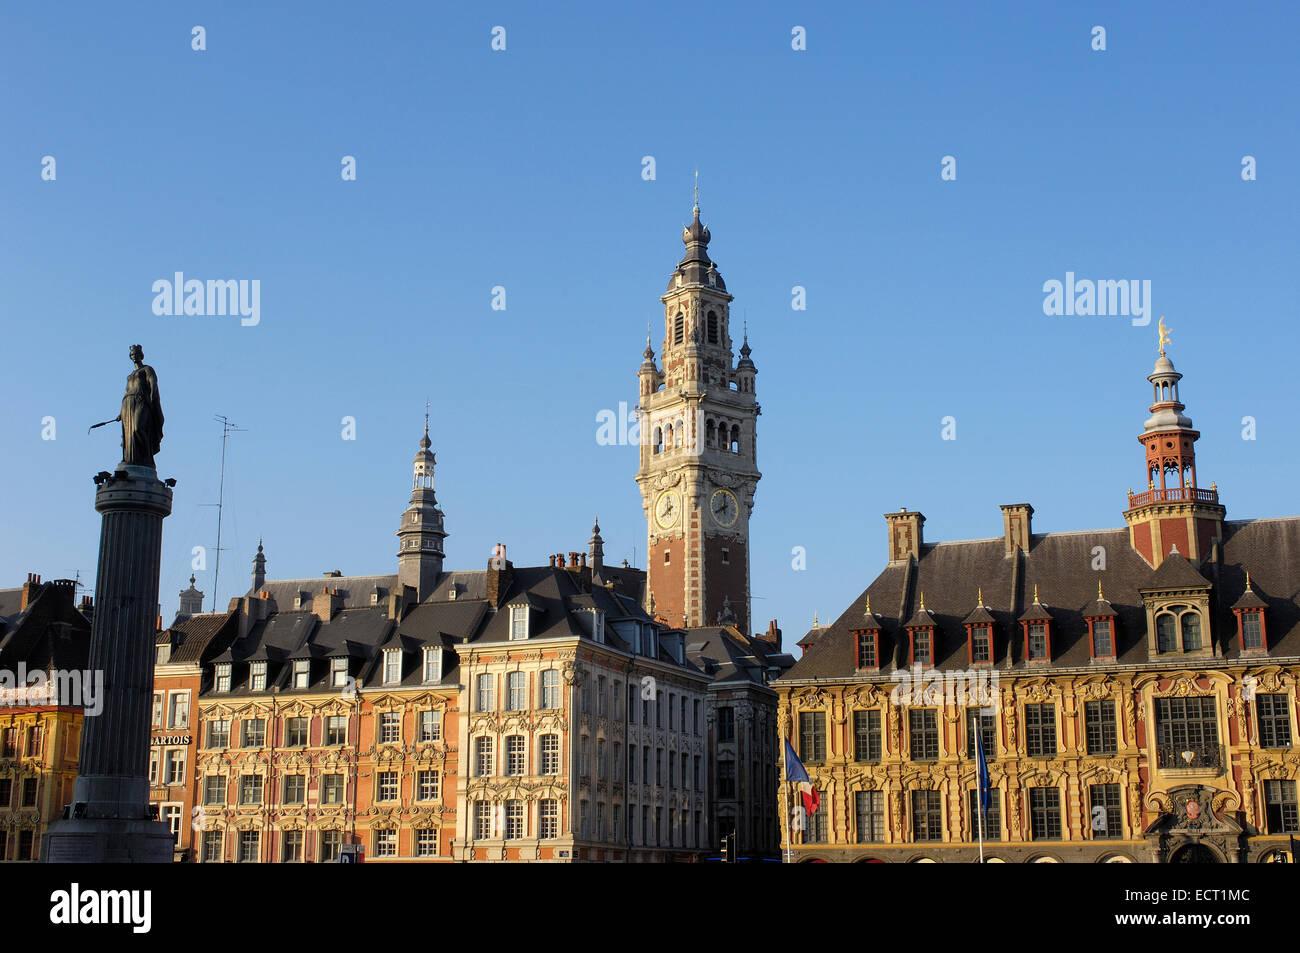 Place du Général de Gaulle, Lille, Nord-Pas de Calais, Francia, Europa Imagen De Stock